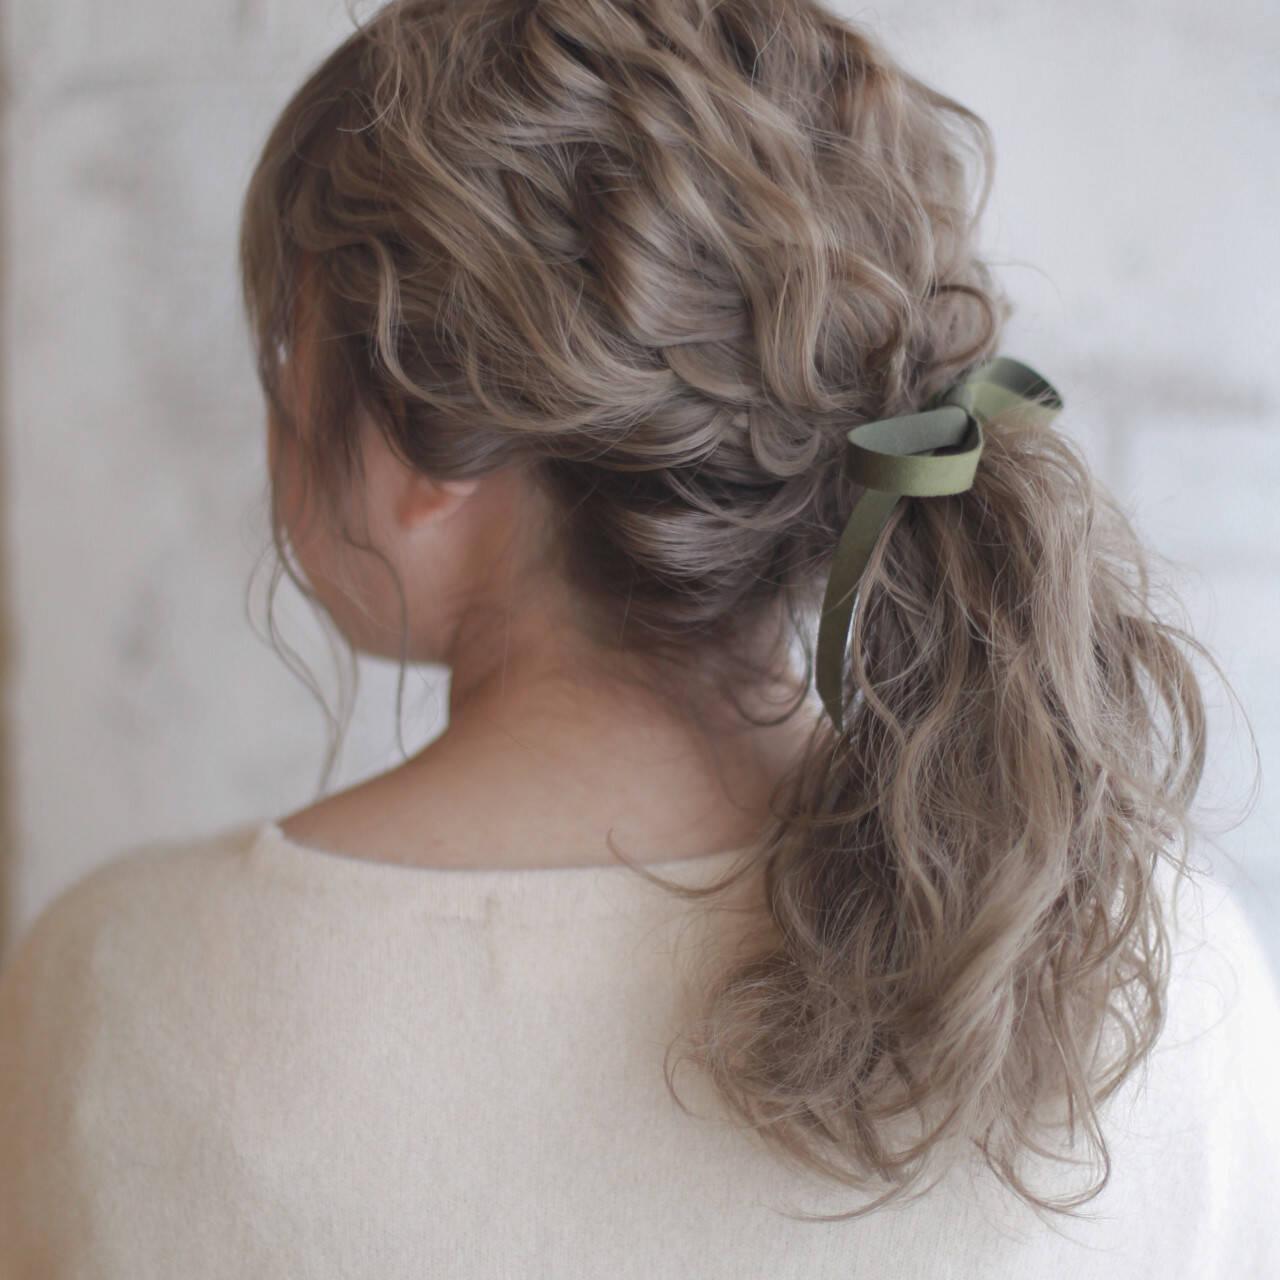 ショート パーマ ヘアアレンジ ミディアムヘアスタイルや髪型の写真・画像